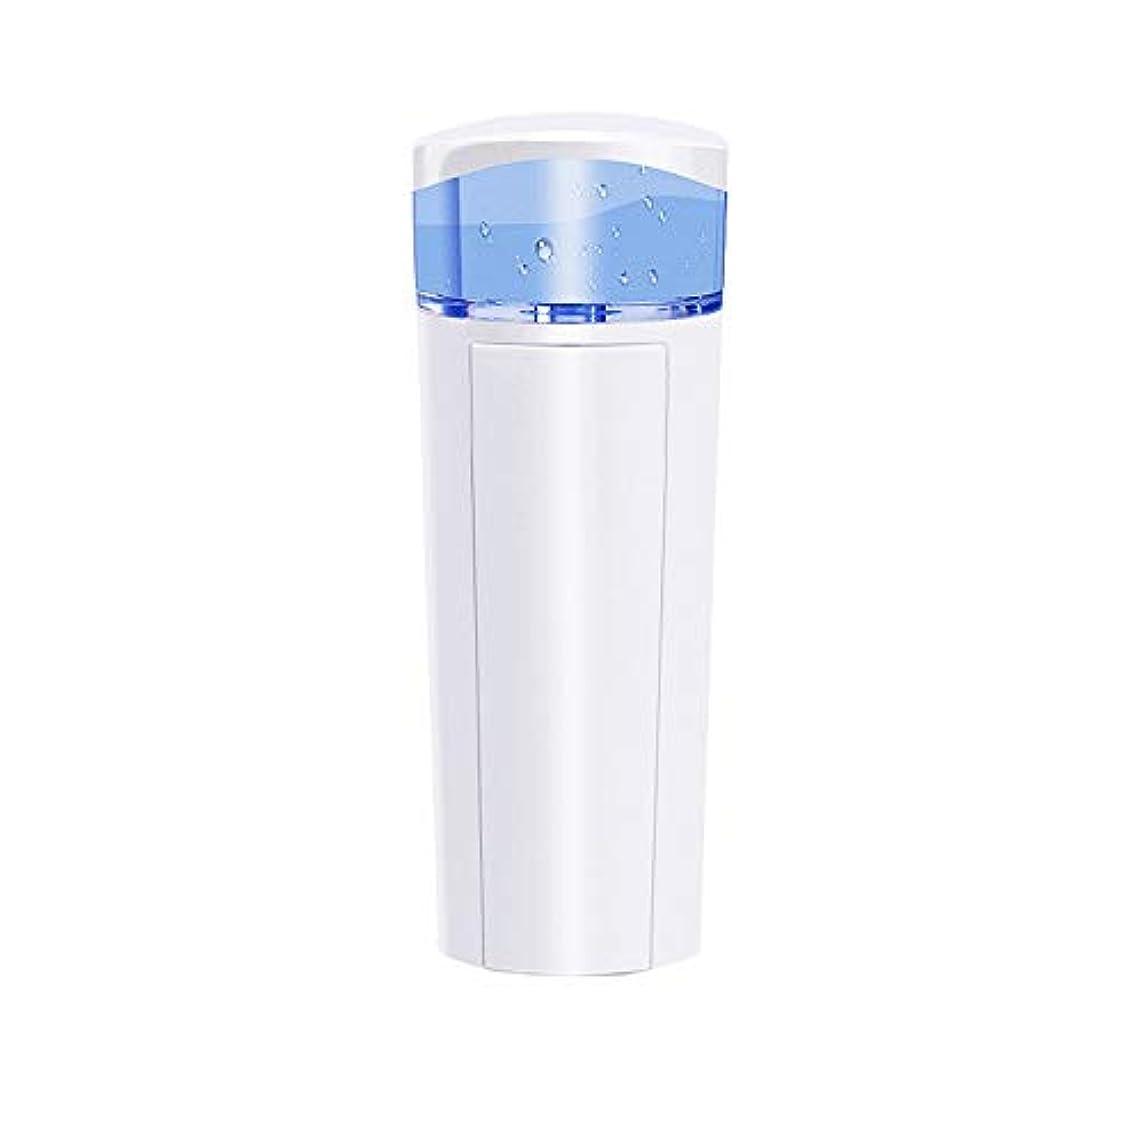 方法論かわすグラマーZXF 充電宝物機能付き新しいナノ水道メータースプレー美容機器ABS素材ホワイト 滑らかである